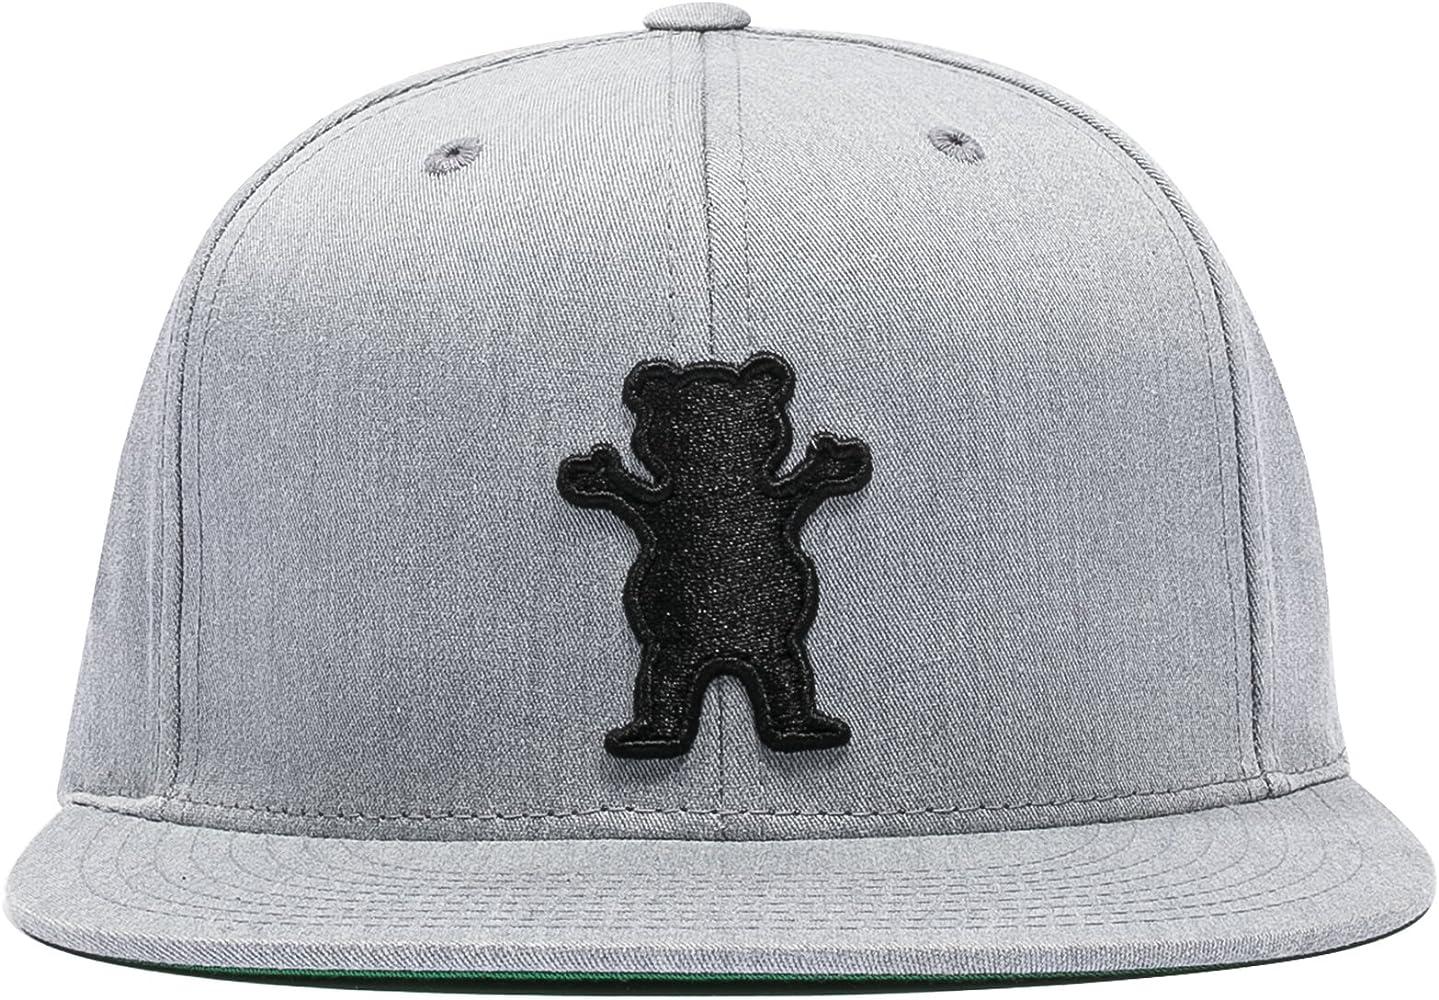 Grizzly Gorra OG Bear Snapback Heather GR: Amazon.es: Ropa y ...